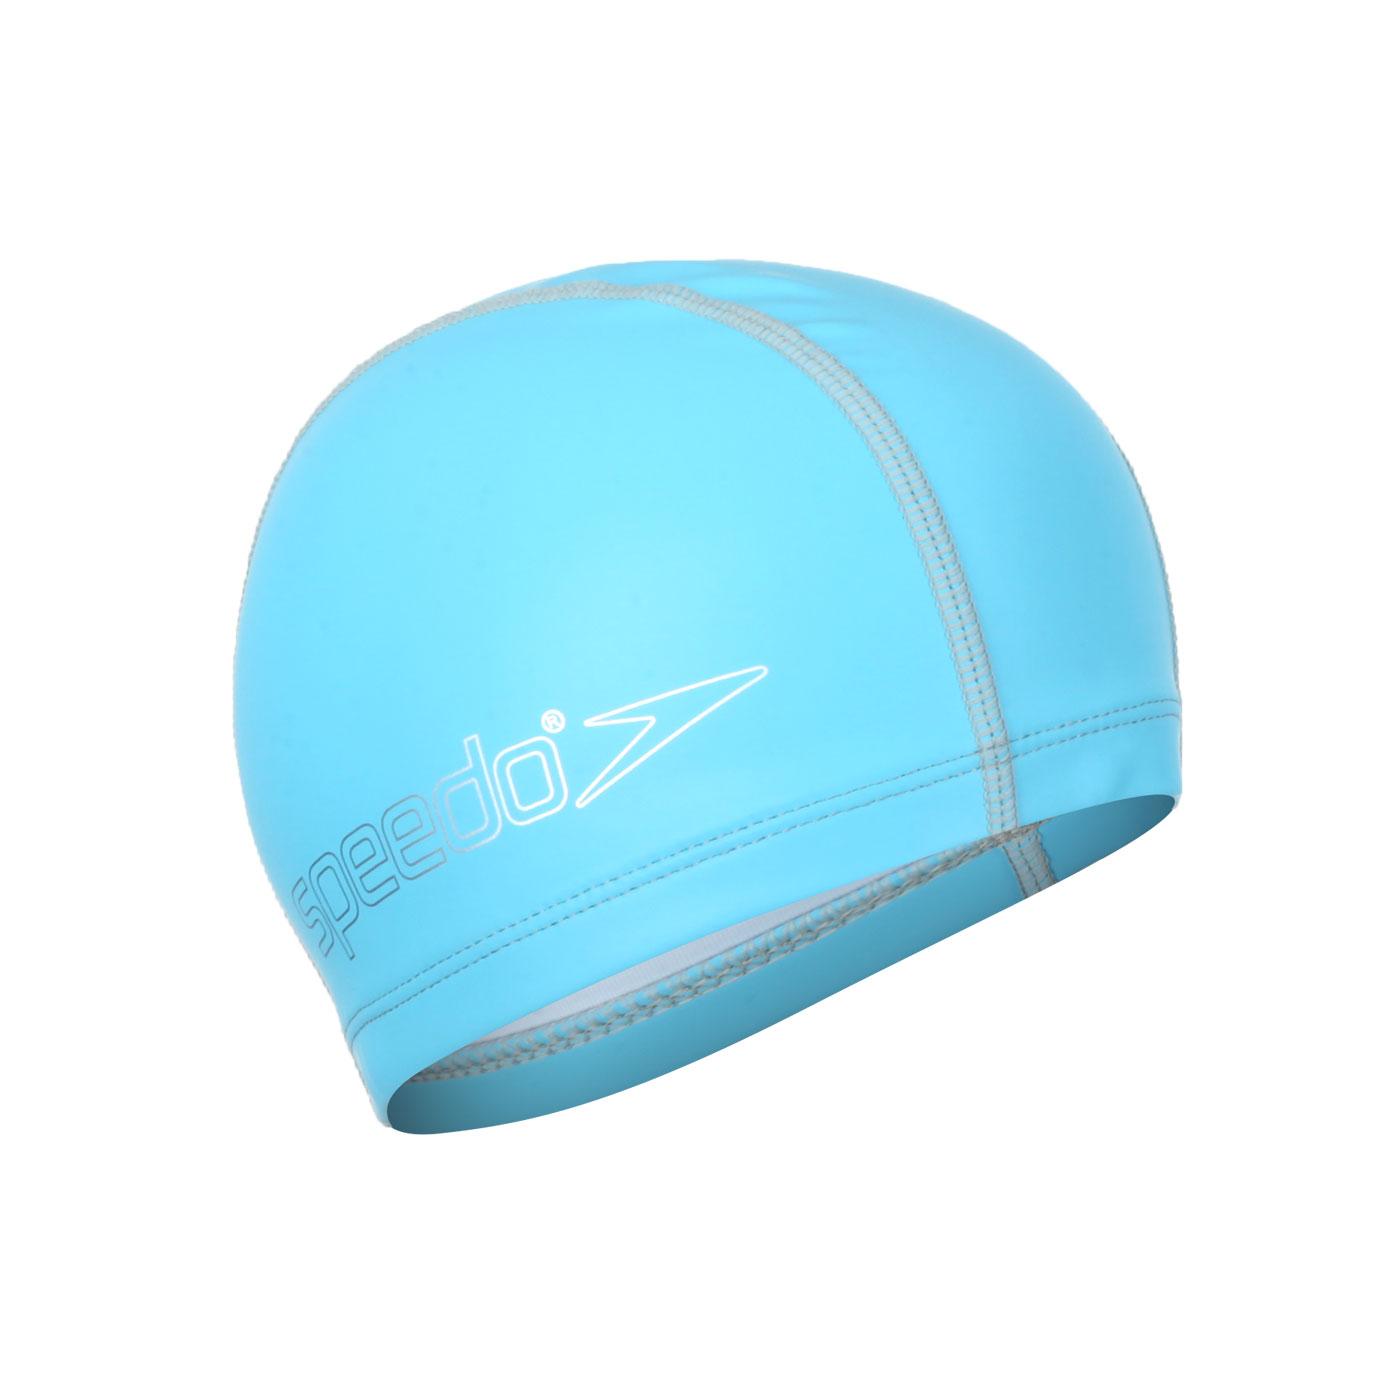 SPEEDO 兒童合成泳帽 SD8720734604 - 水藍銀